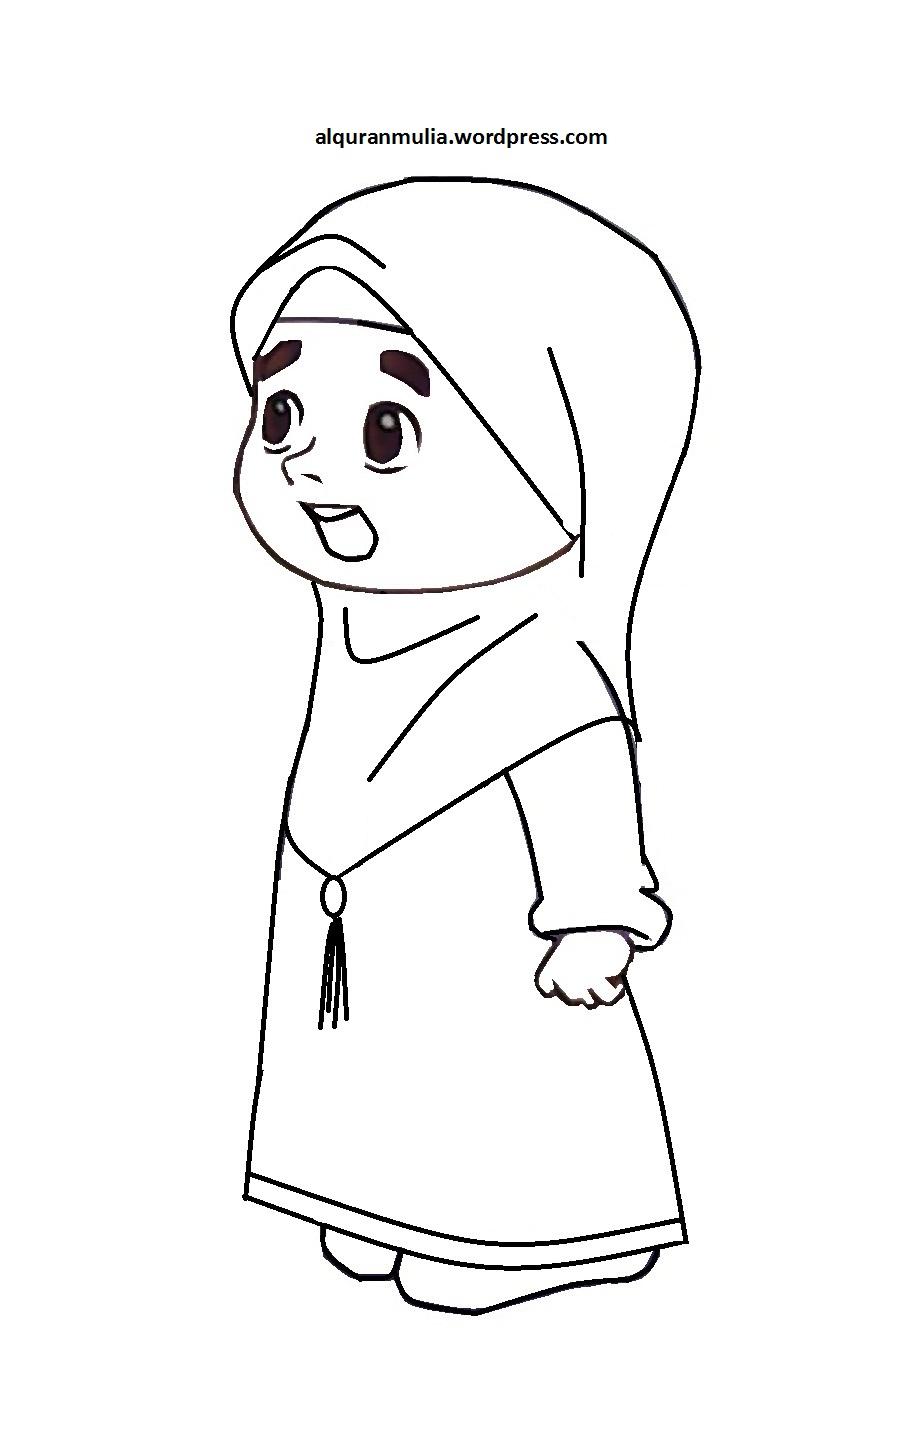 Gambar Kartun Alquranmulia Halaman 24